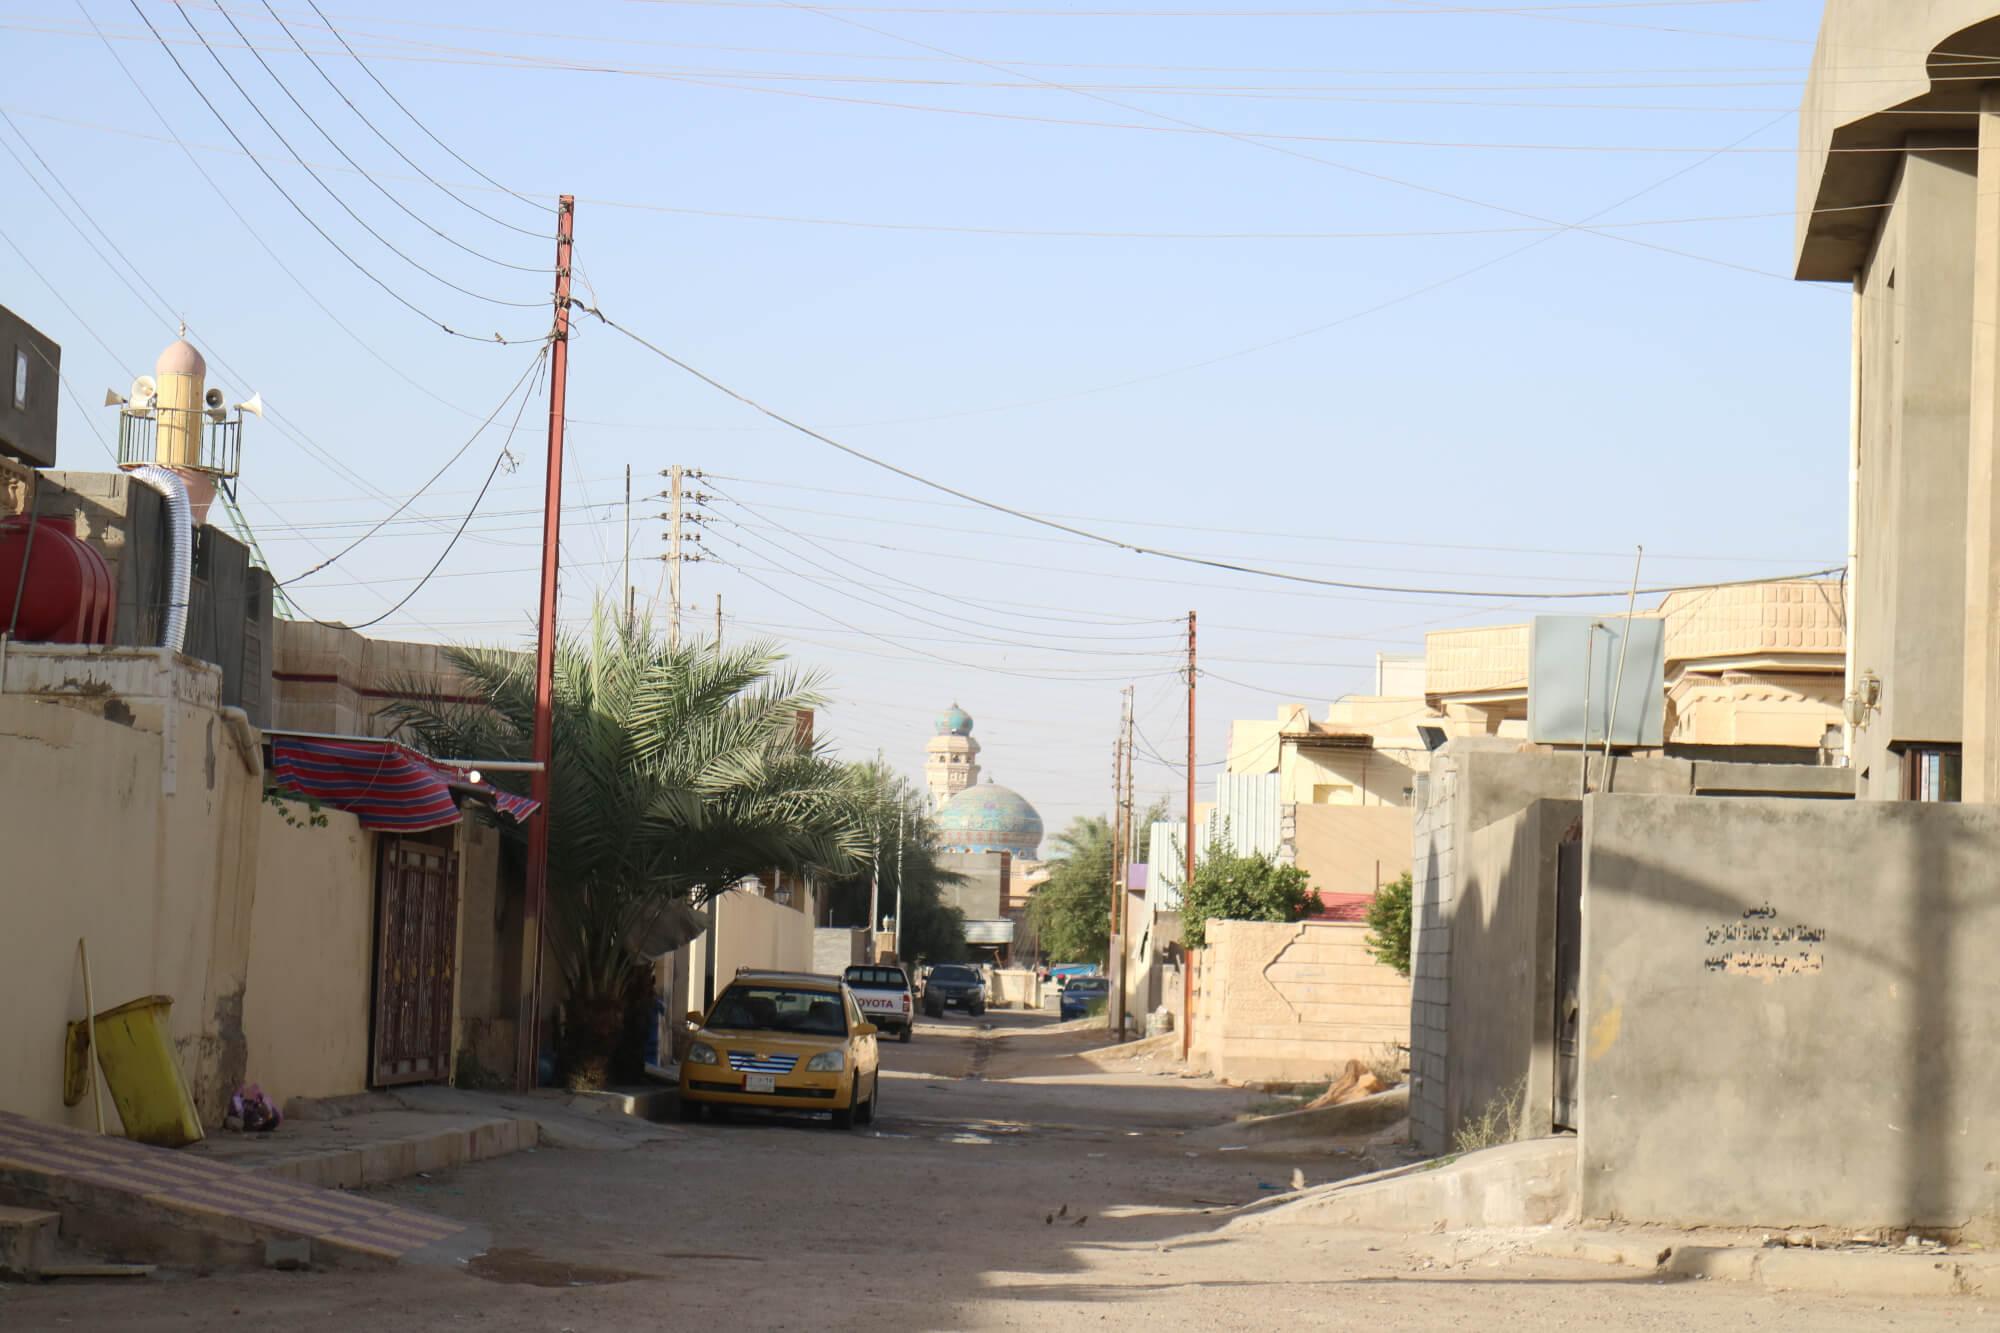 Fieldwork in Iraq